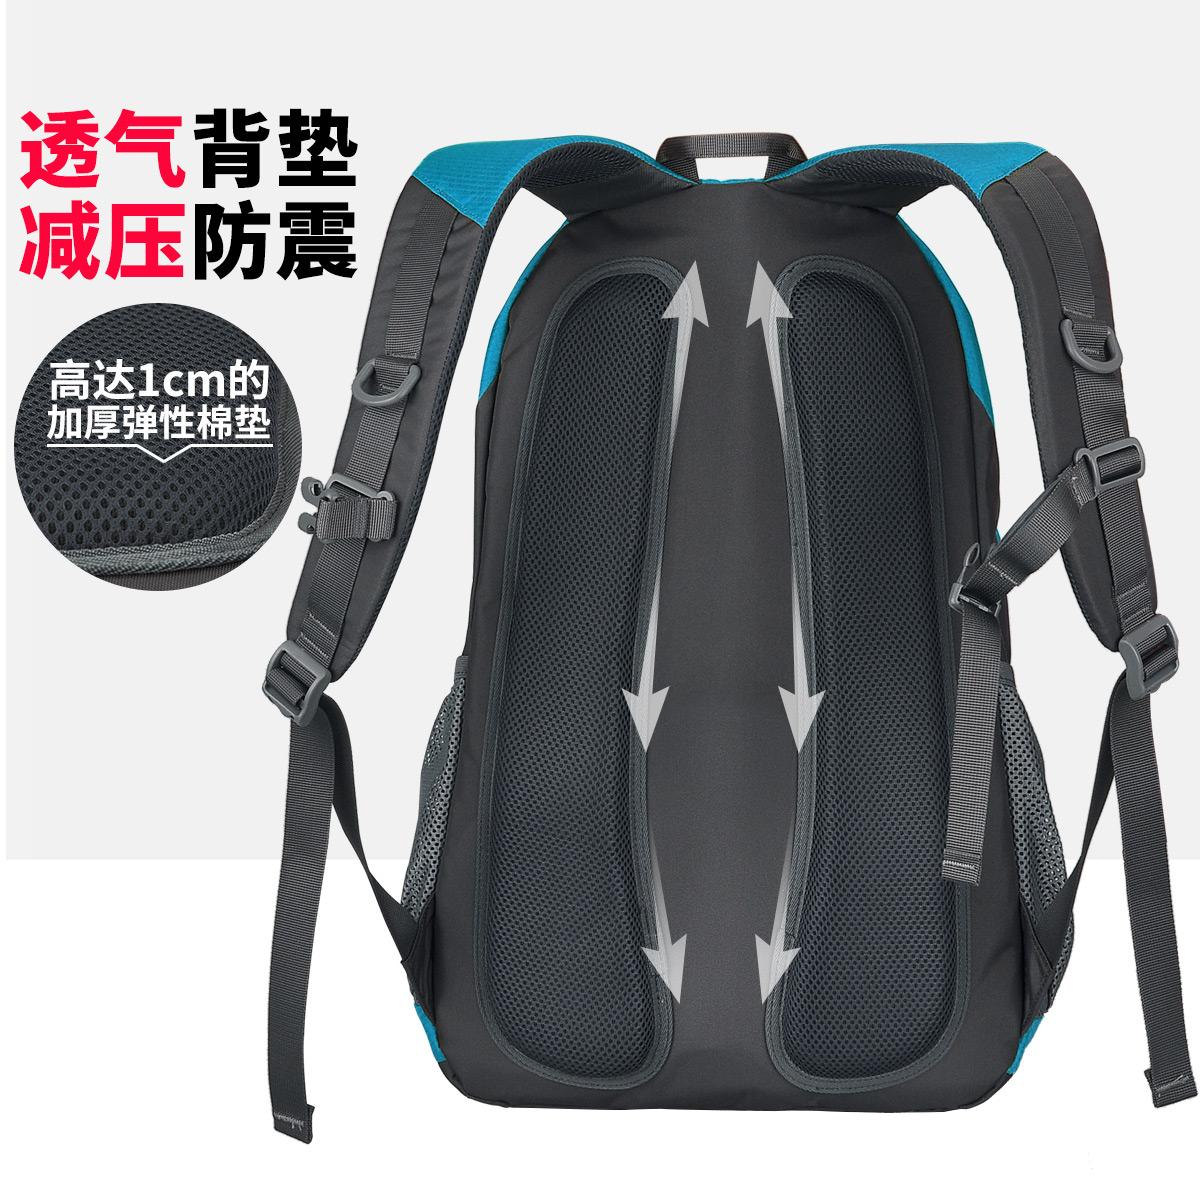 米熙休闲运动背包双肩包女书包中学生男时尚大容量轻便旅游旅行包